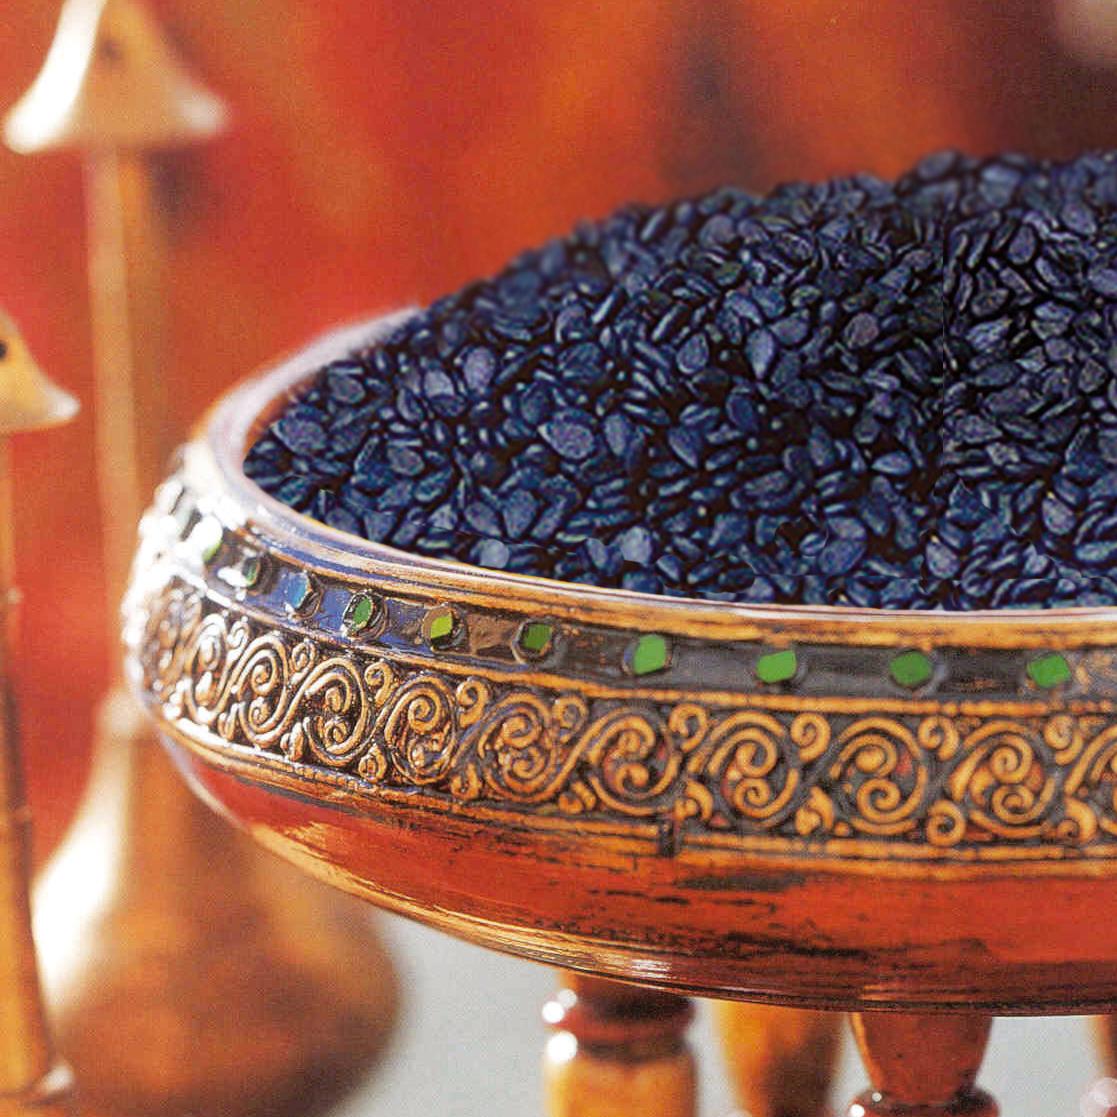 Verzierte Schale mit schwarzen Sesamkörnern